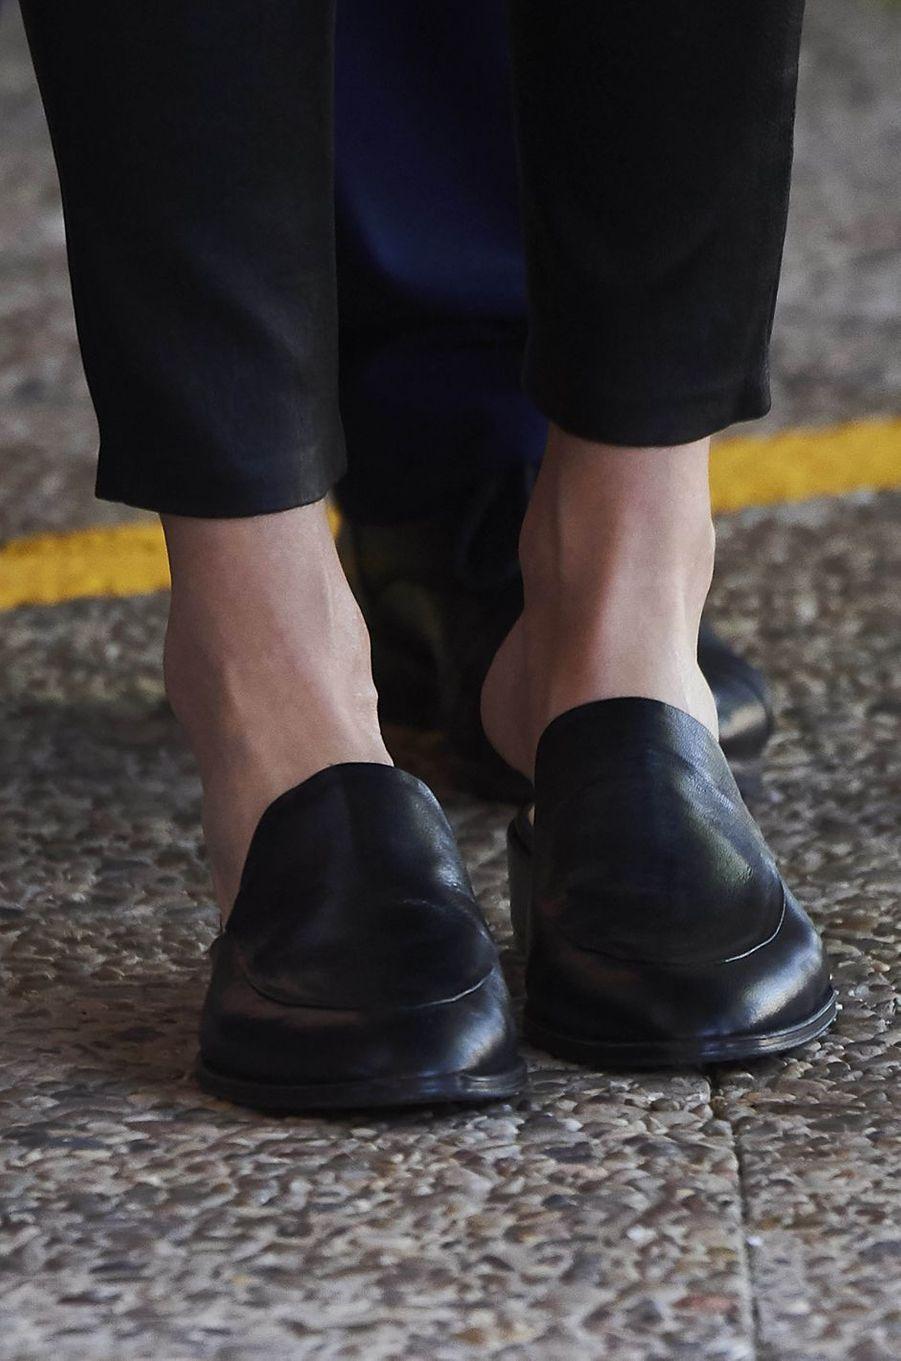 Les chaussures de la reine Letizia d'Espagne à Villanueva de la Serena, le 26 avril 2018